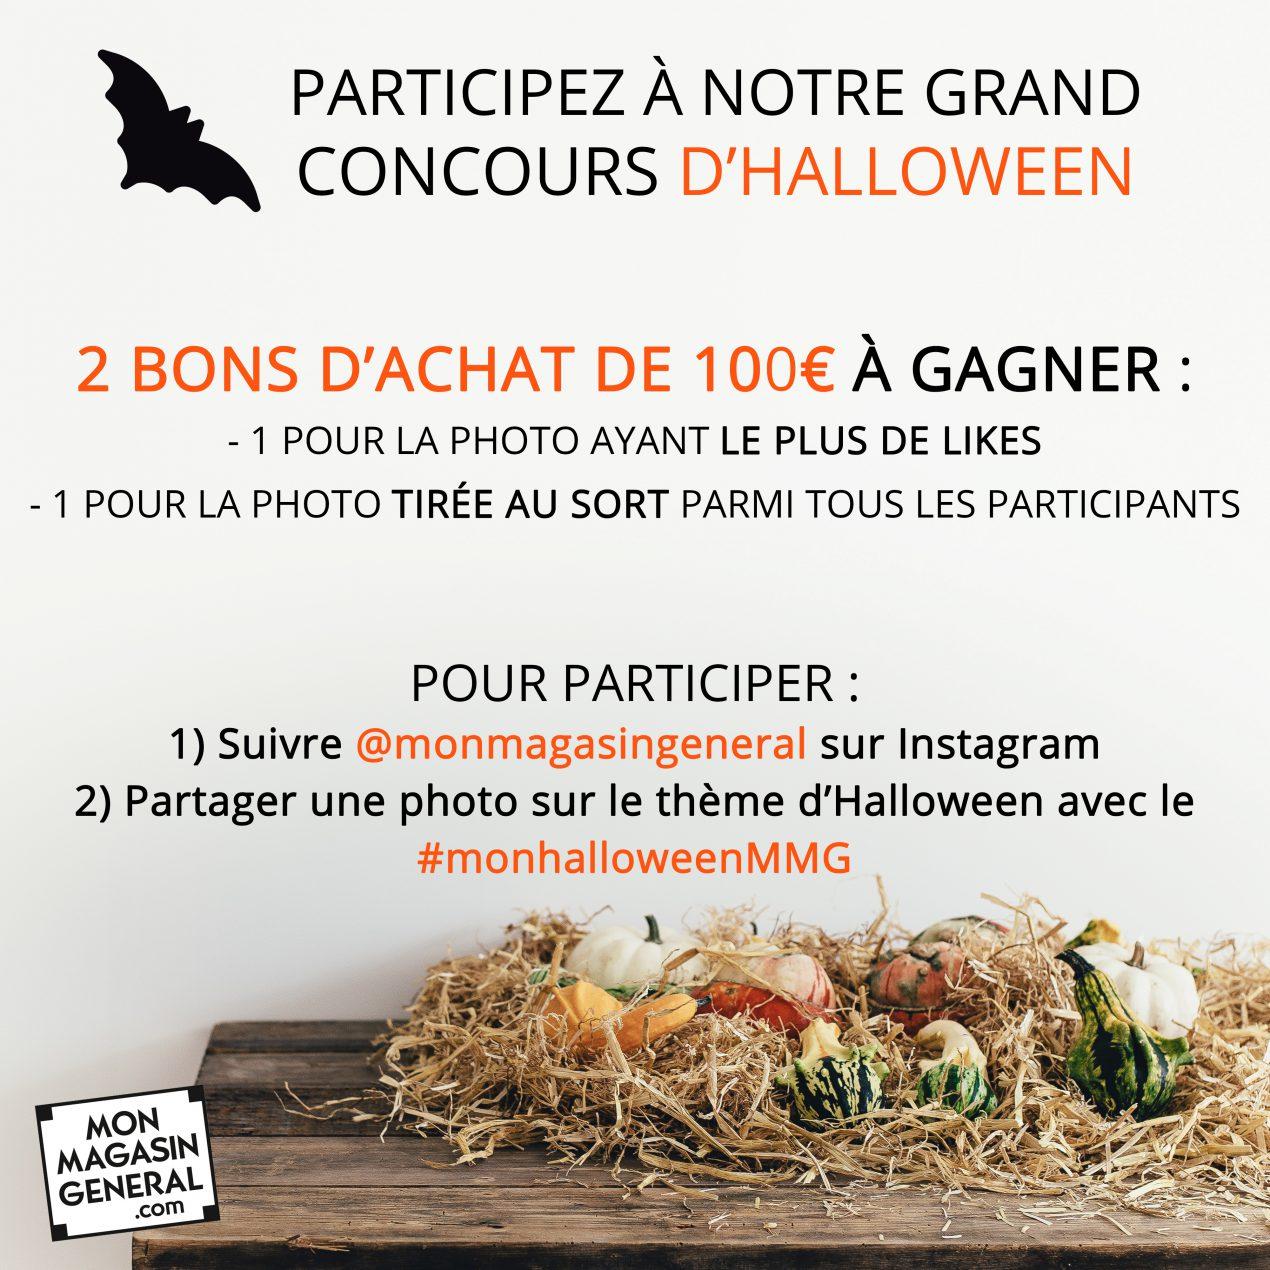 Concours Halloween Instagram bon d'achat